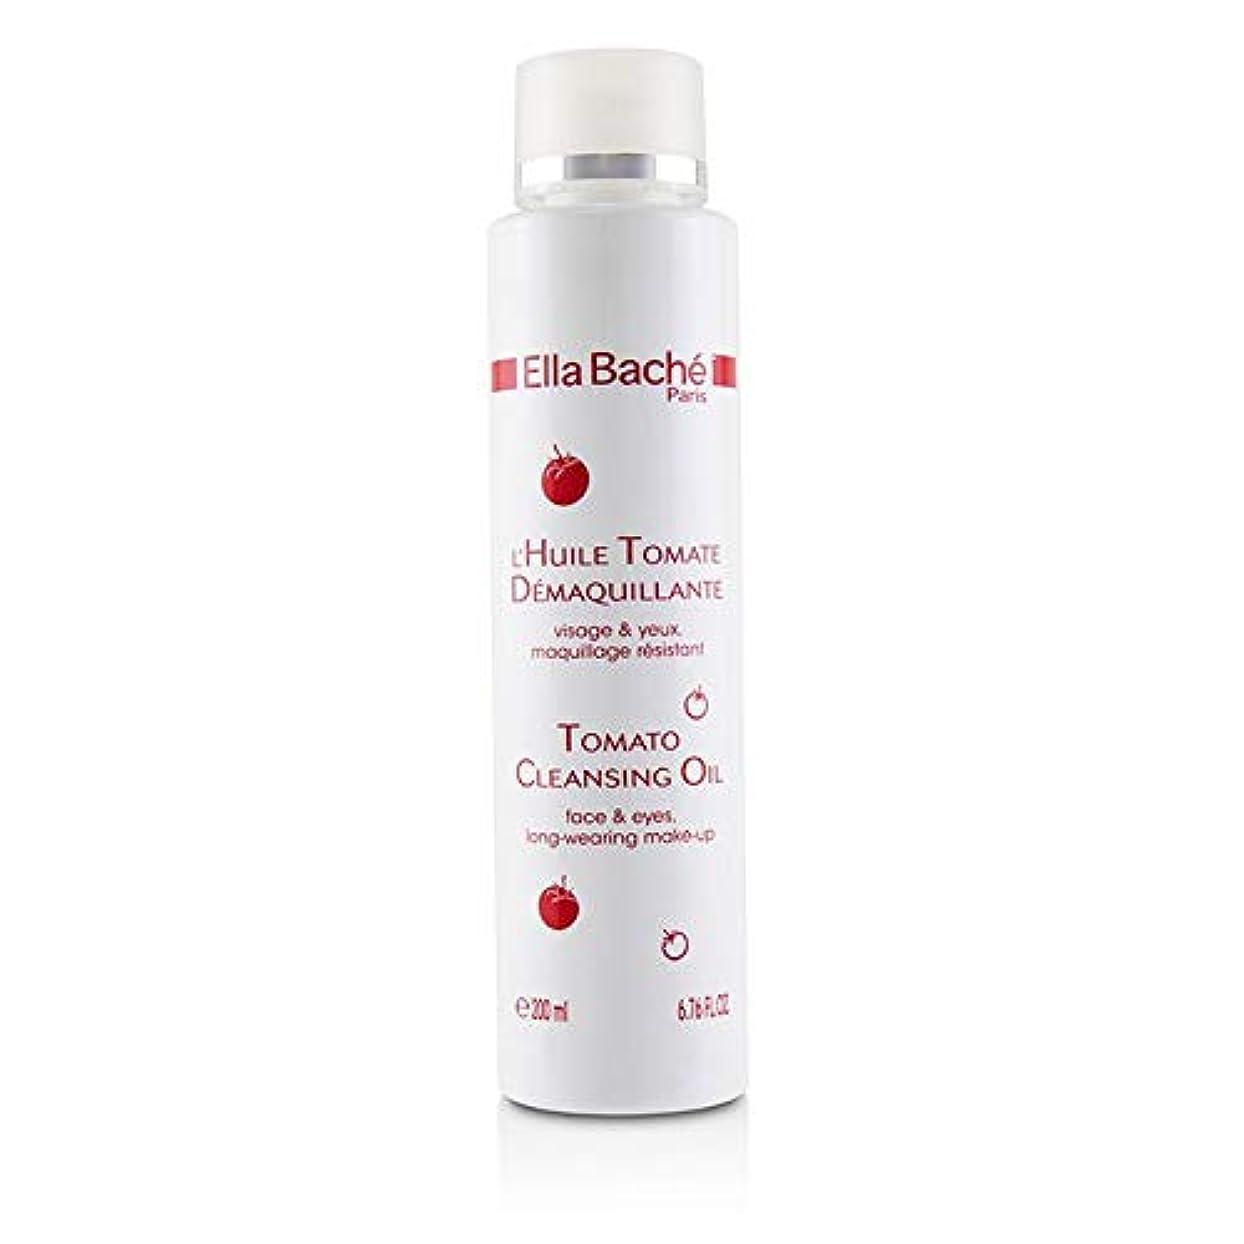 掻くファントム耕すエラバシェ Tomato Cleansing Oil for Face & Eyes, Long-Wearing Make-Up 200ml/6.76oz並行輸入品